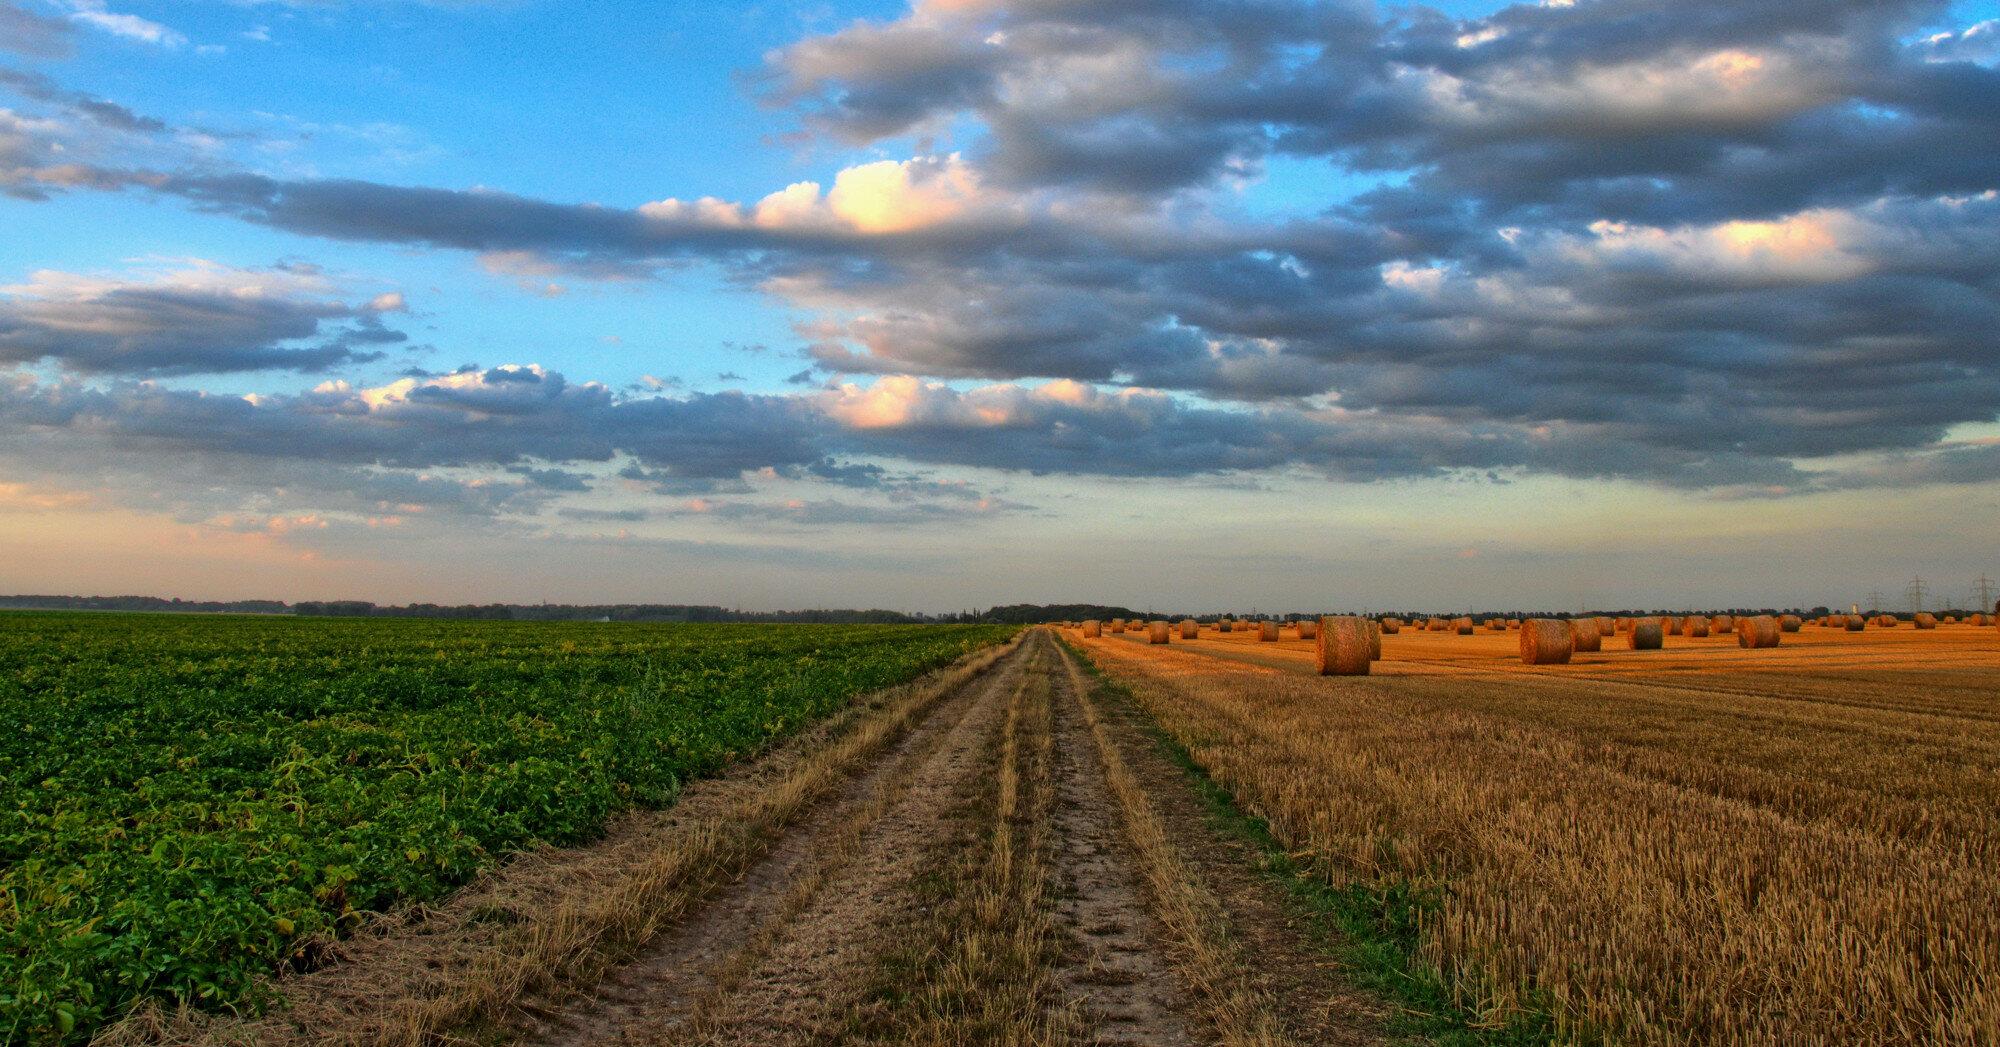 Ринок землі: хто зможе продавати і купувати гектари